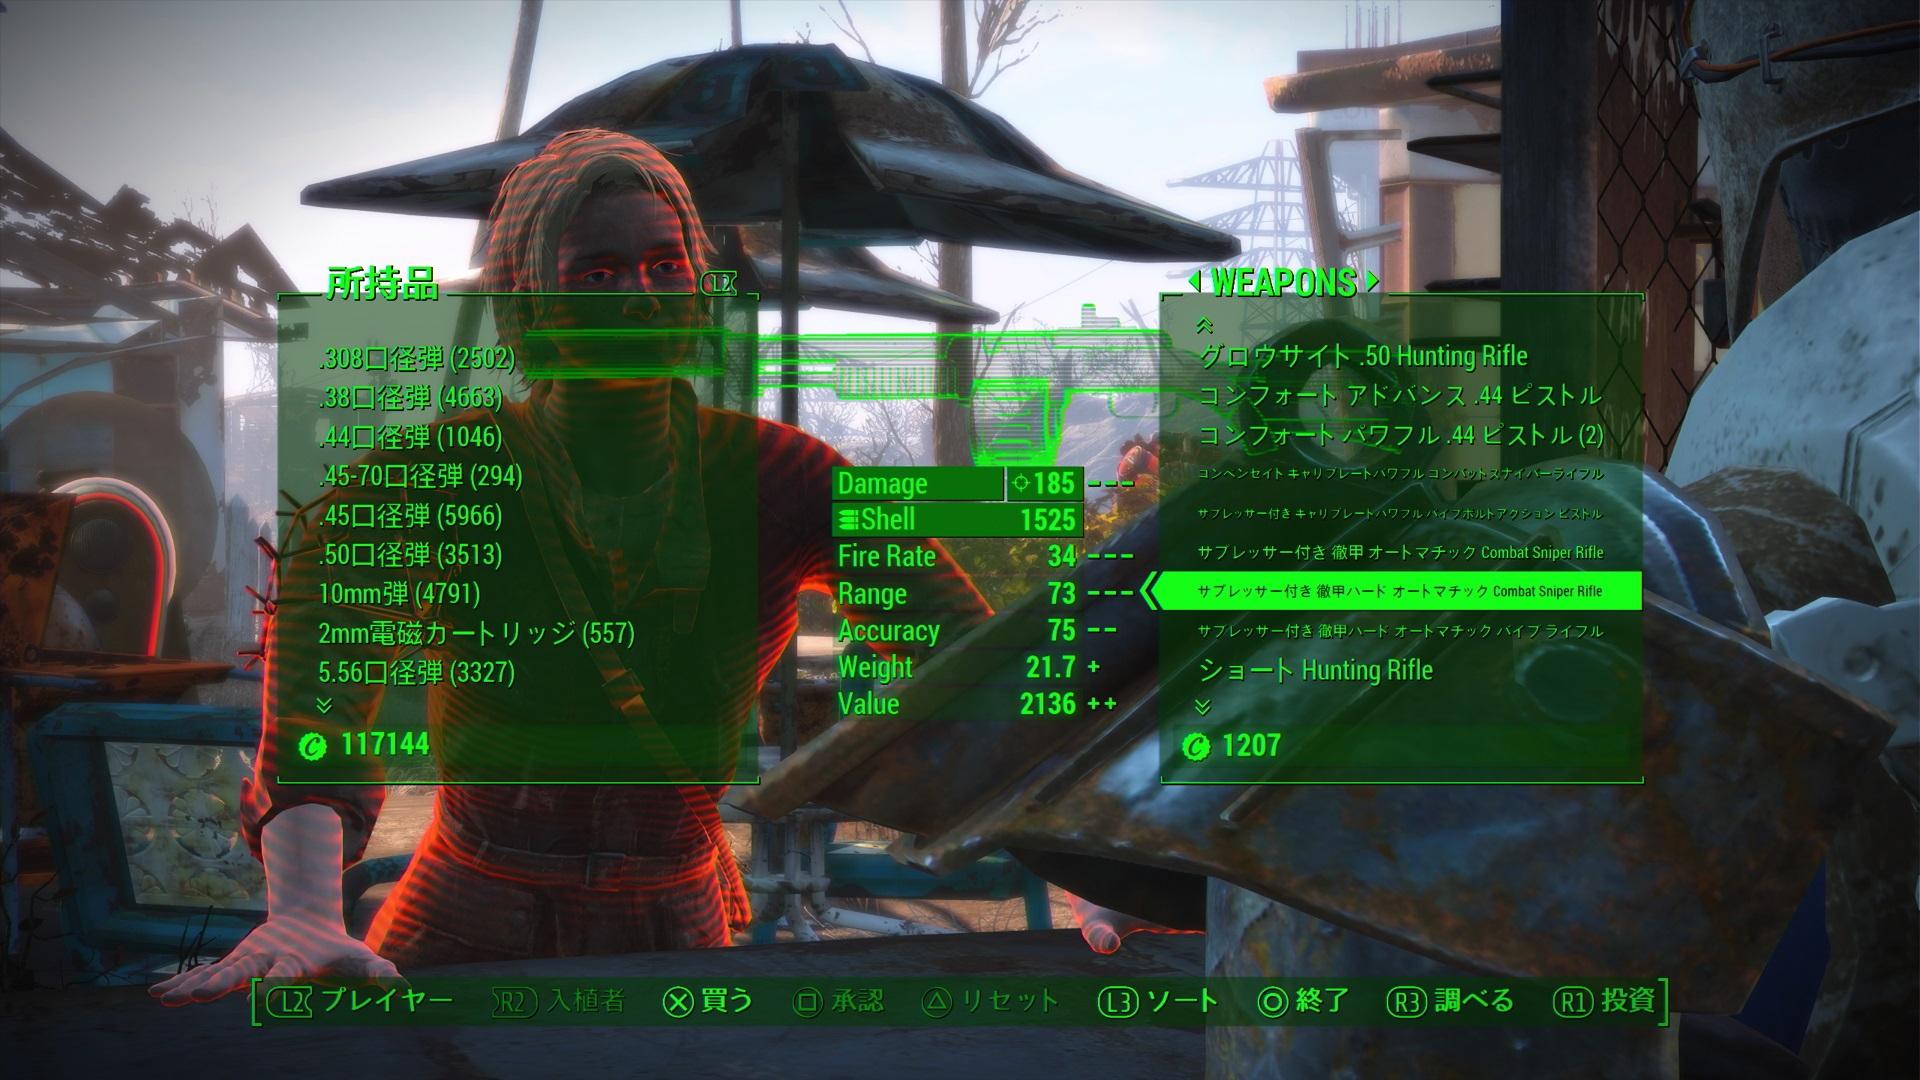 PS4,Fallout4]MOD紹介142 - ゲームの玉子様